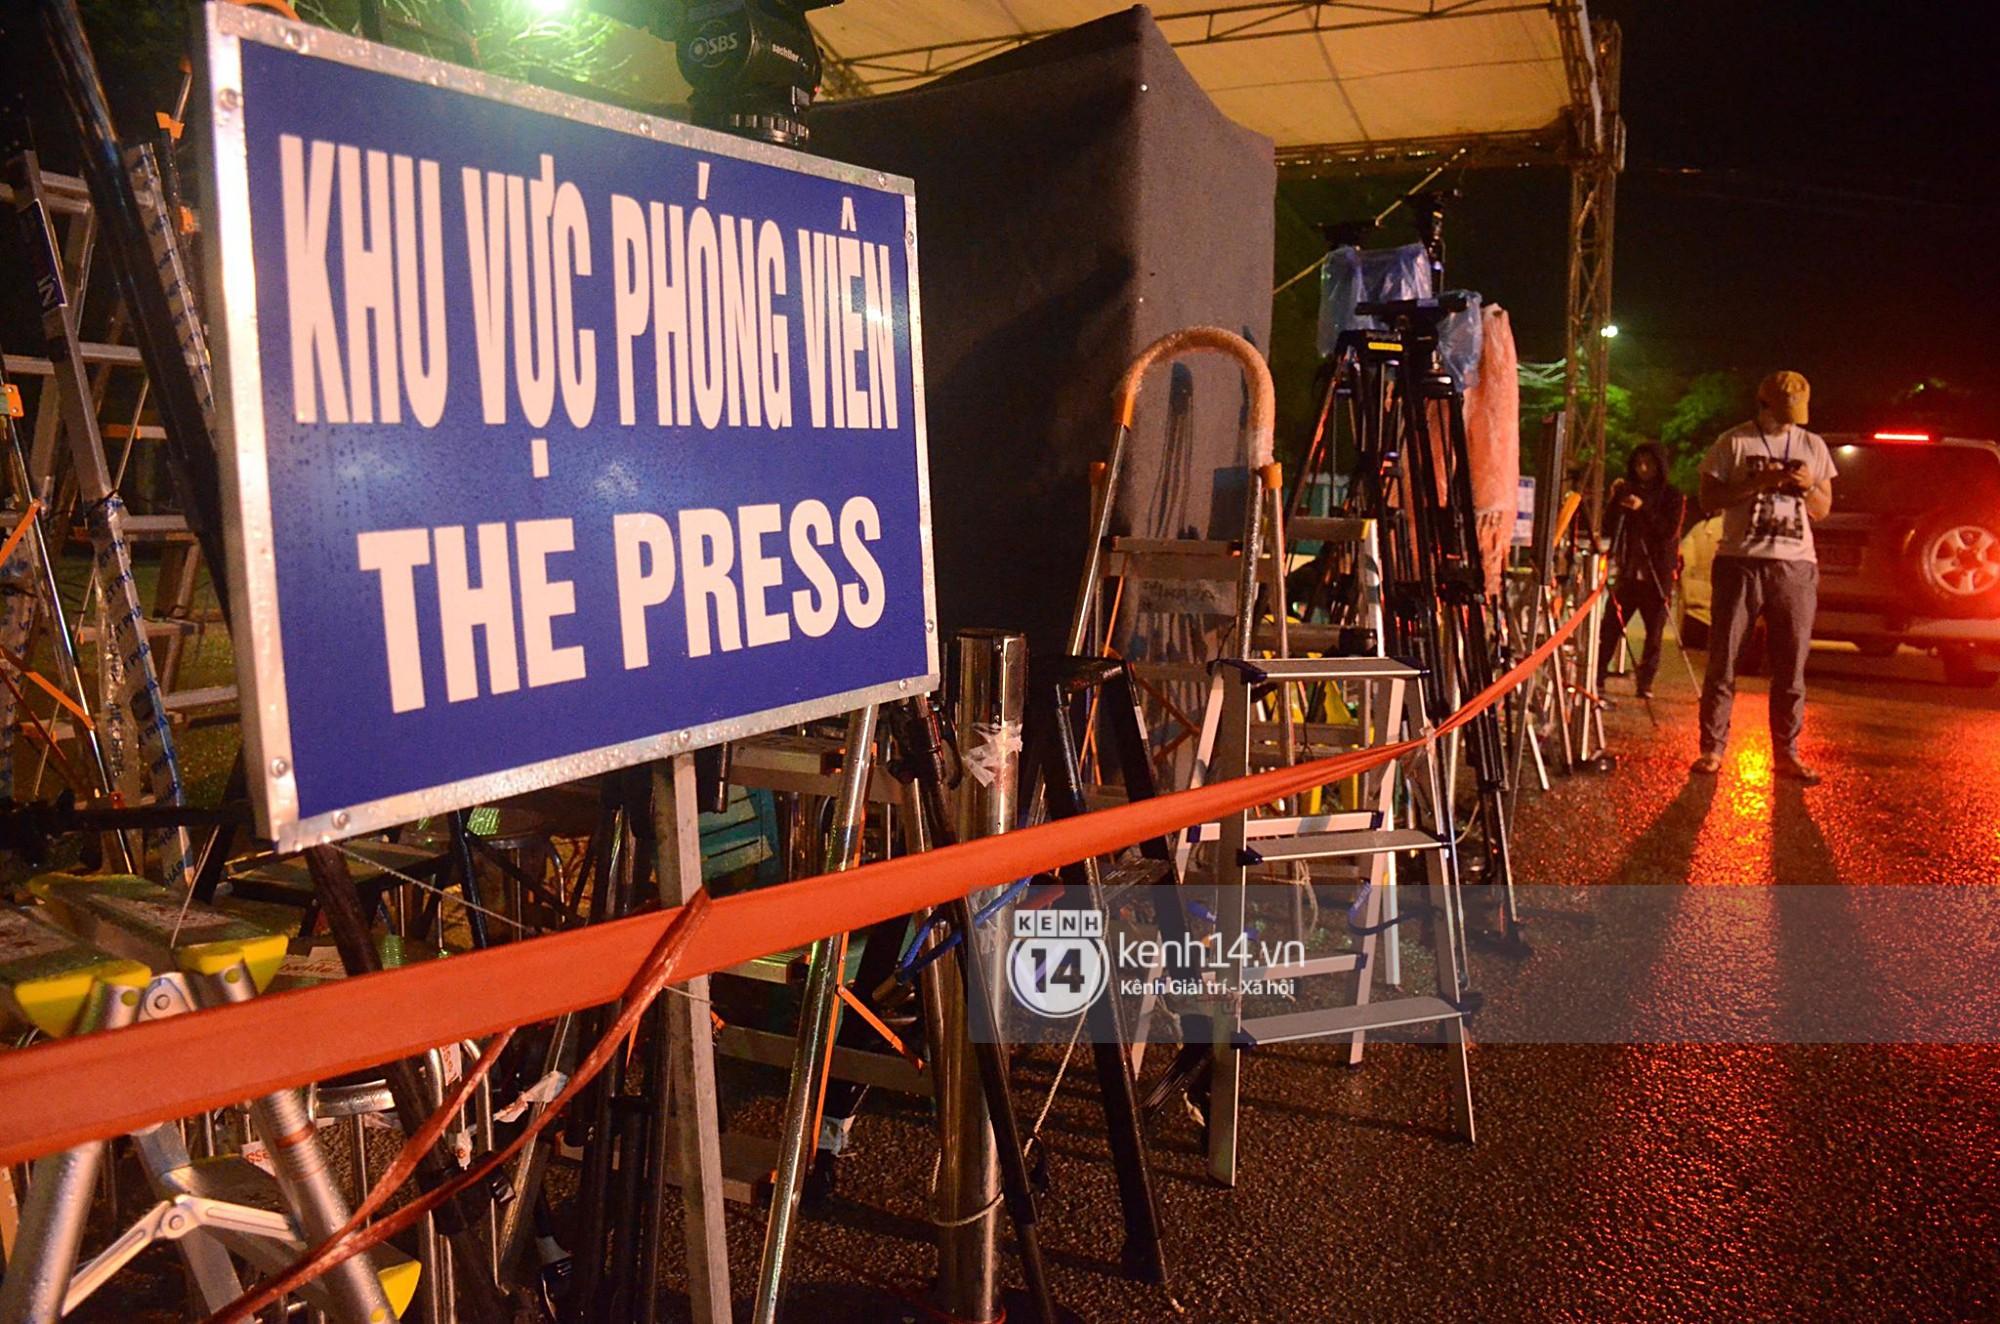 Phóng viên đội mưa, lấy khoá số khoá thang khung chiếm chỗ trước ga Đồng Đăng chờ ghi hình thời điểm Chủ tịch Kim Jong-un về nước - Ảnh 5.